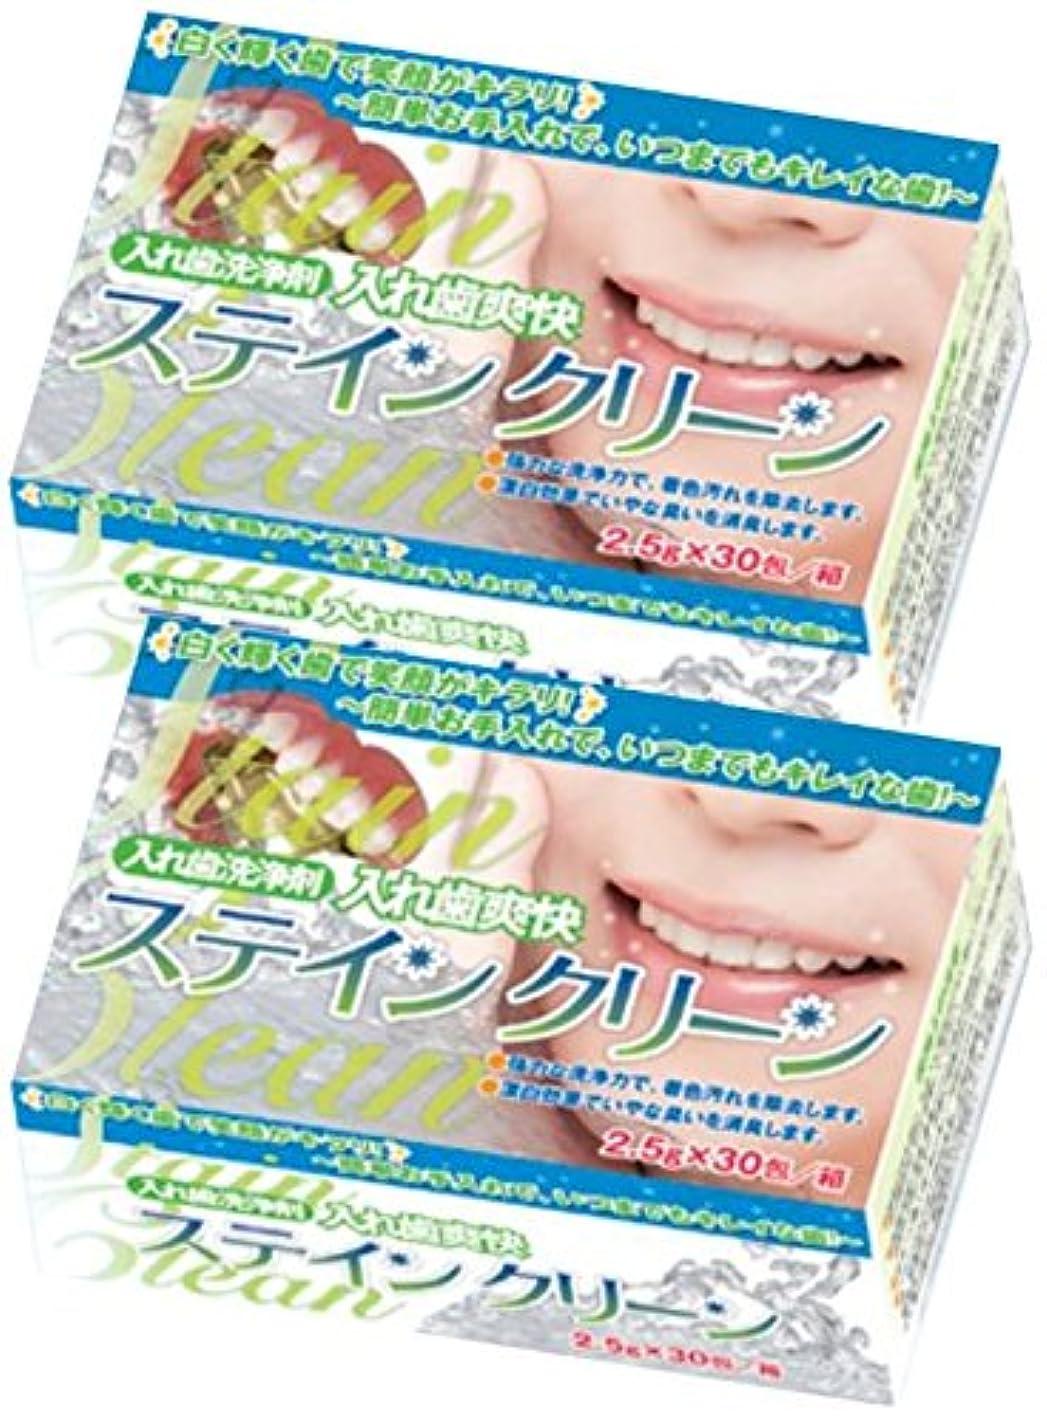 おっと傾向節約入れ歯爽快 ステインクリーン 1箱(2.5g × 30包入り) 歯科医院専売品 (2箱)